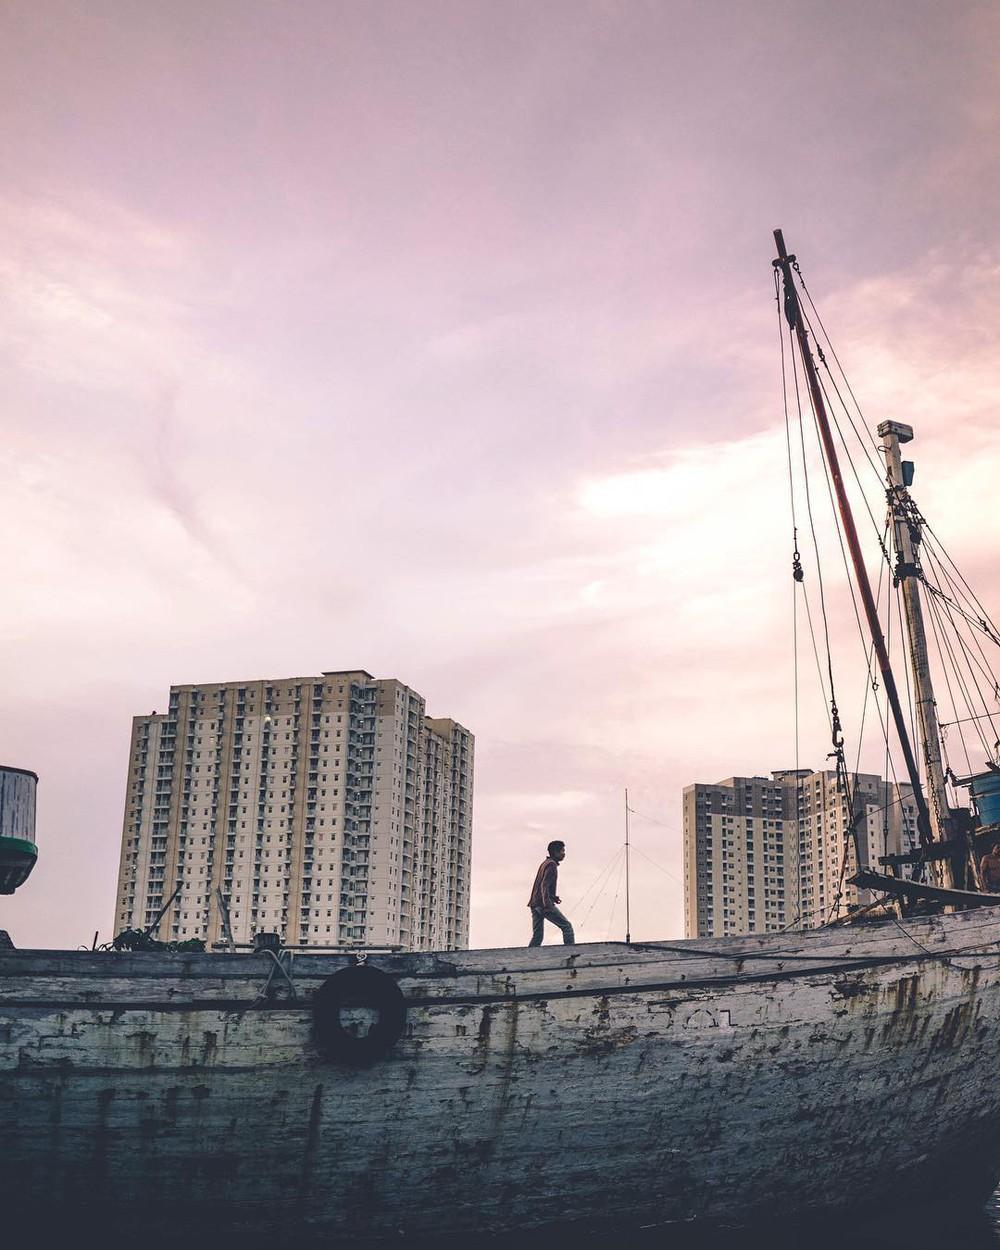 Top 10 thành phố chụp góc nào cũng đẹp trên Instagram năm 2017, không đi thì phí cả đời - Ảnh 3.